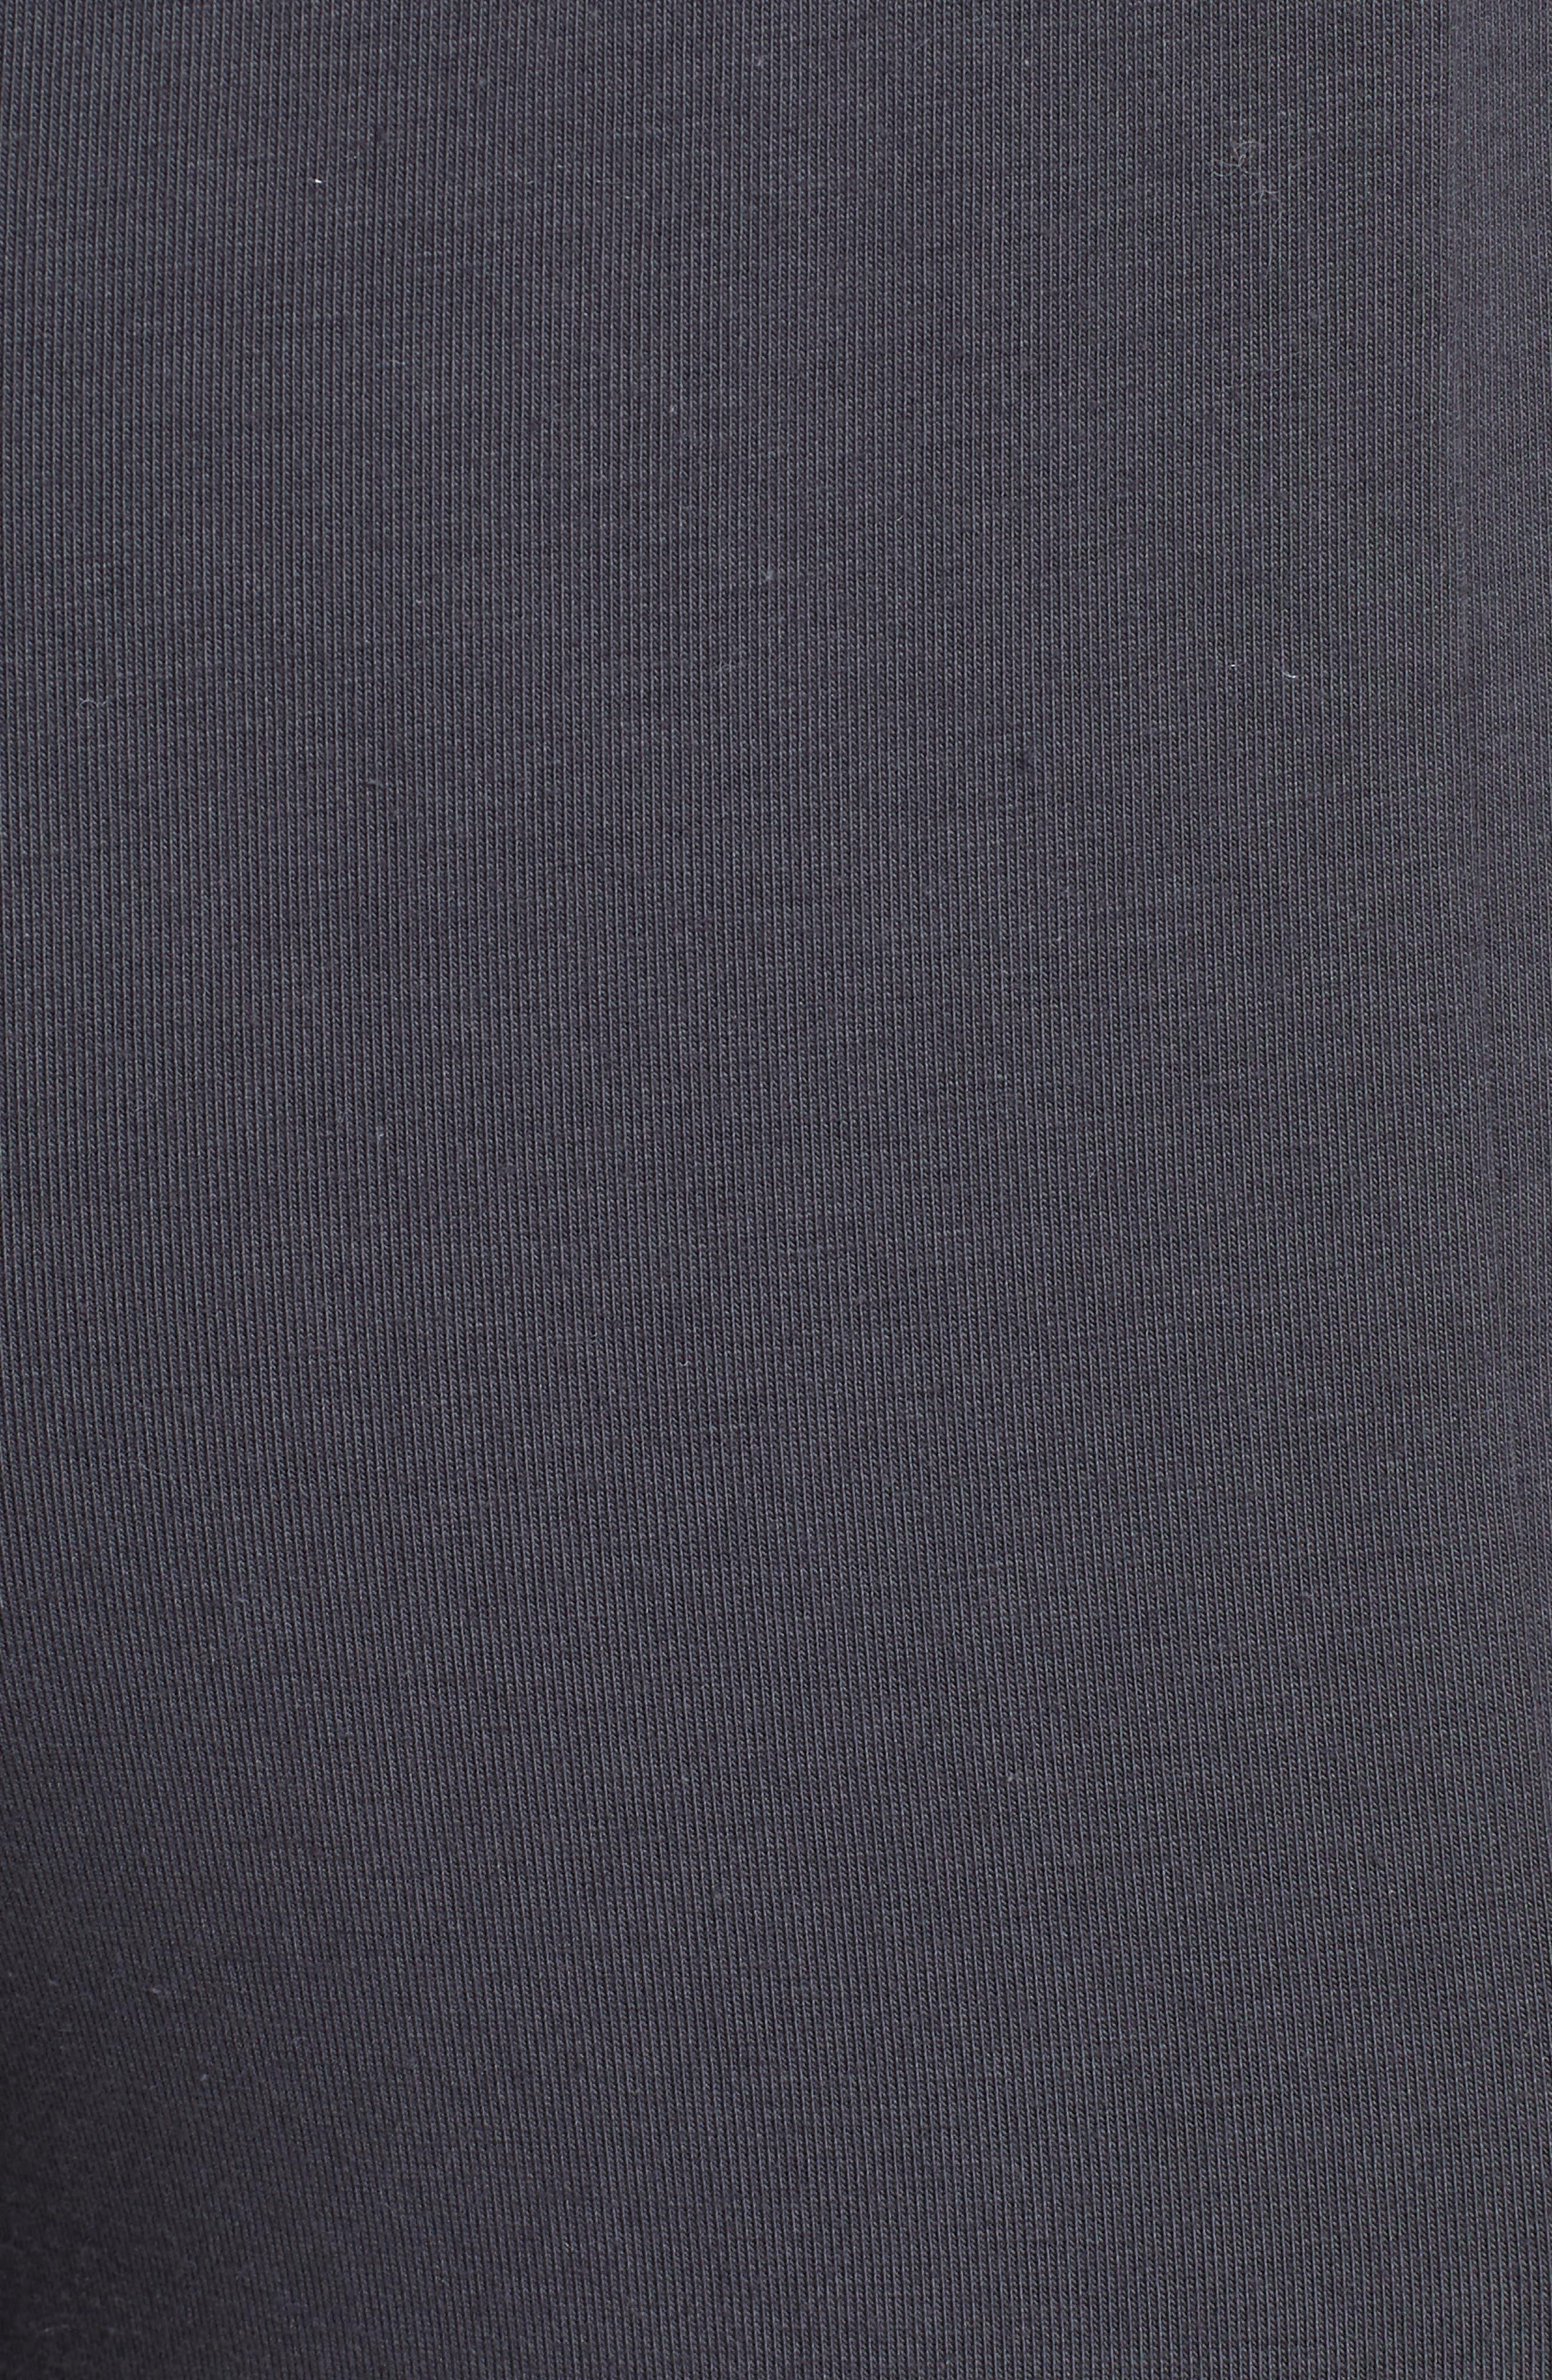 Slim Stretch Cotton Pants,                             Alternate thumbnail 5, color,